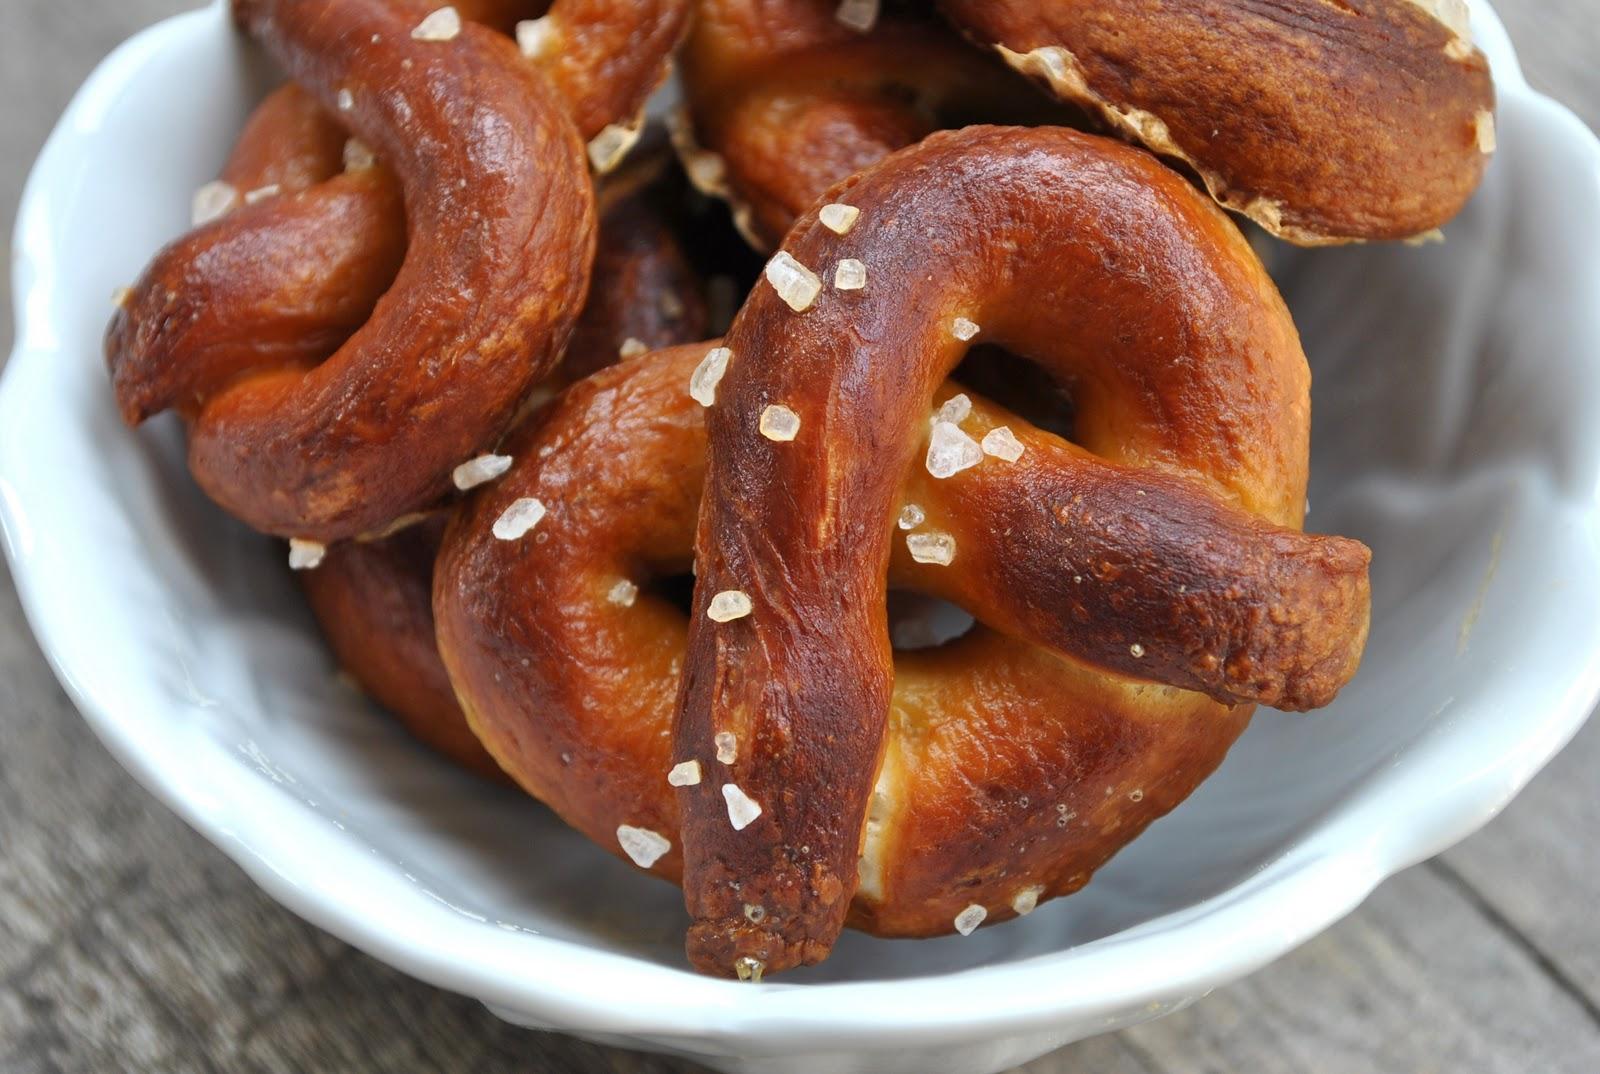 Baking Powders: Soft pretzels and barbecue pretzel bites